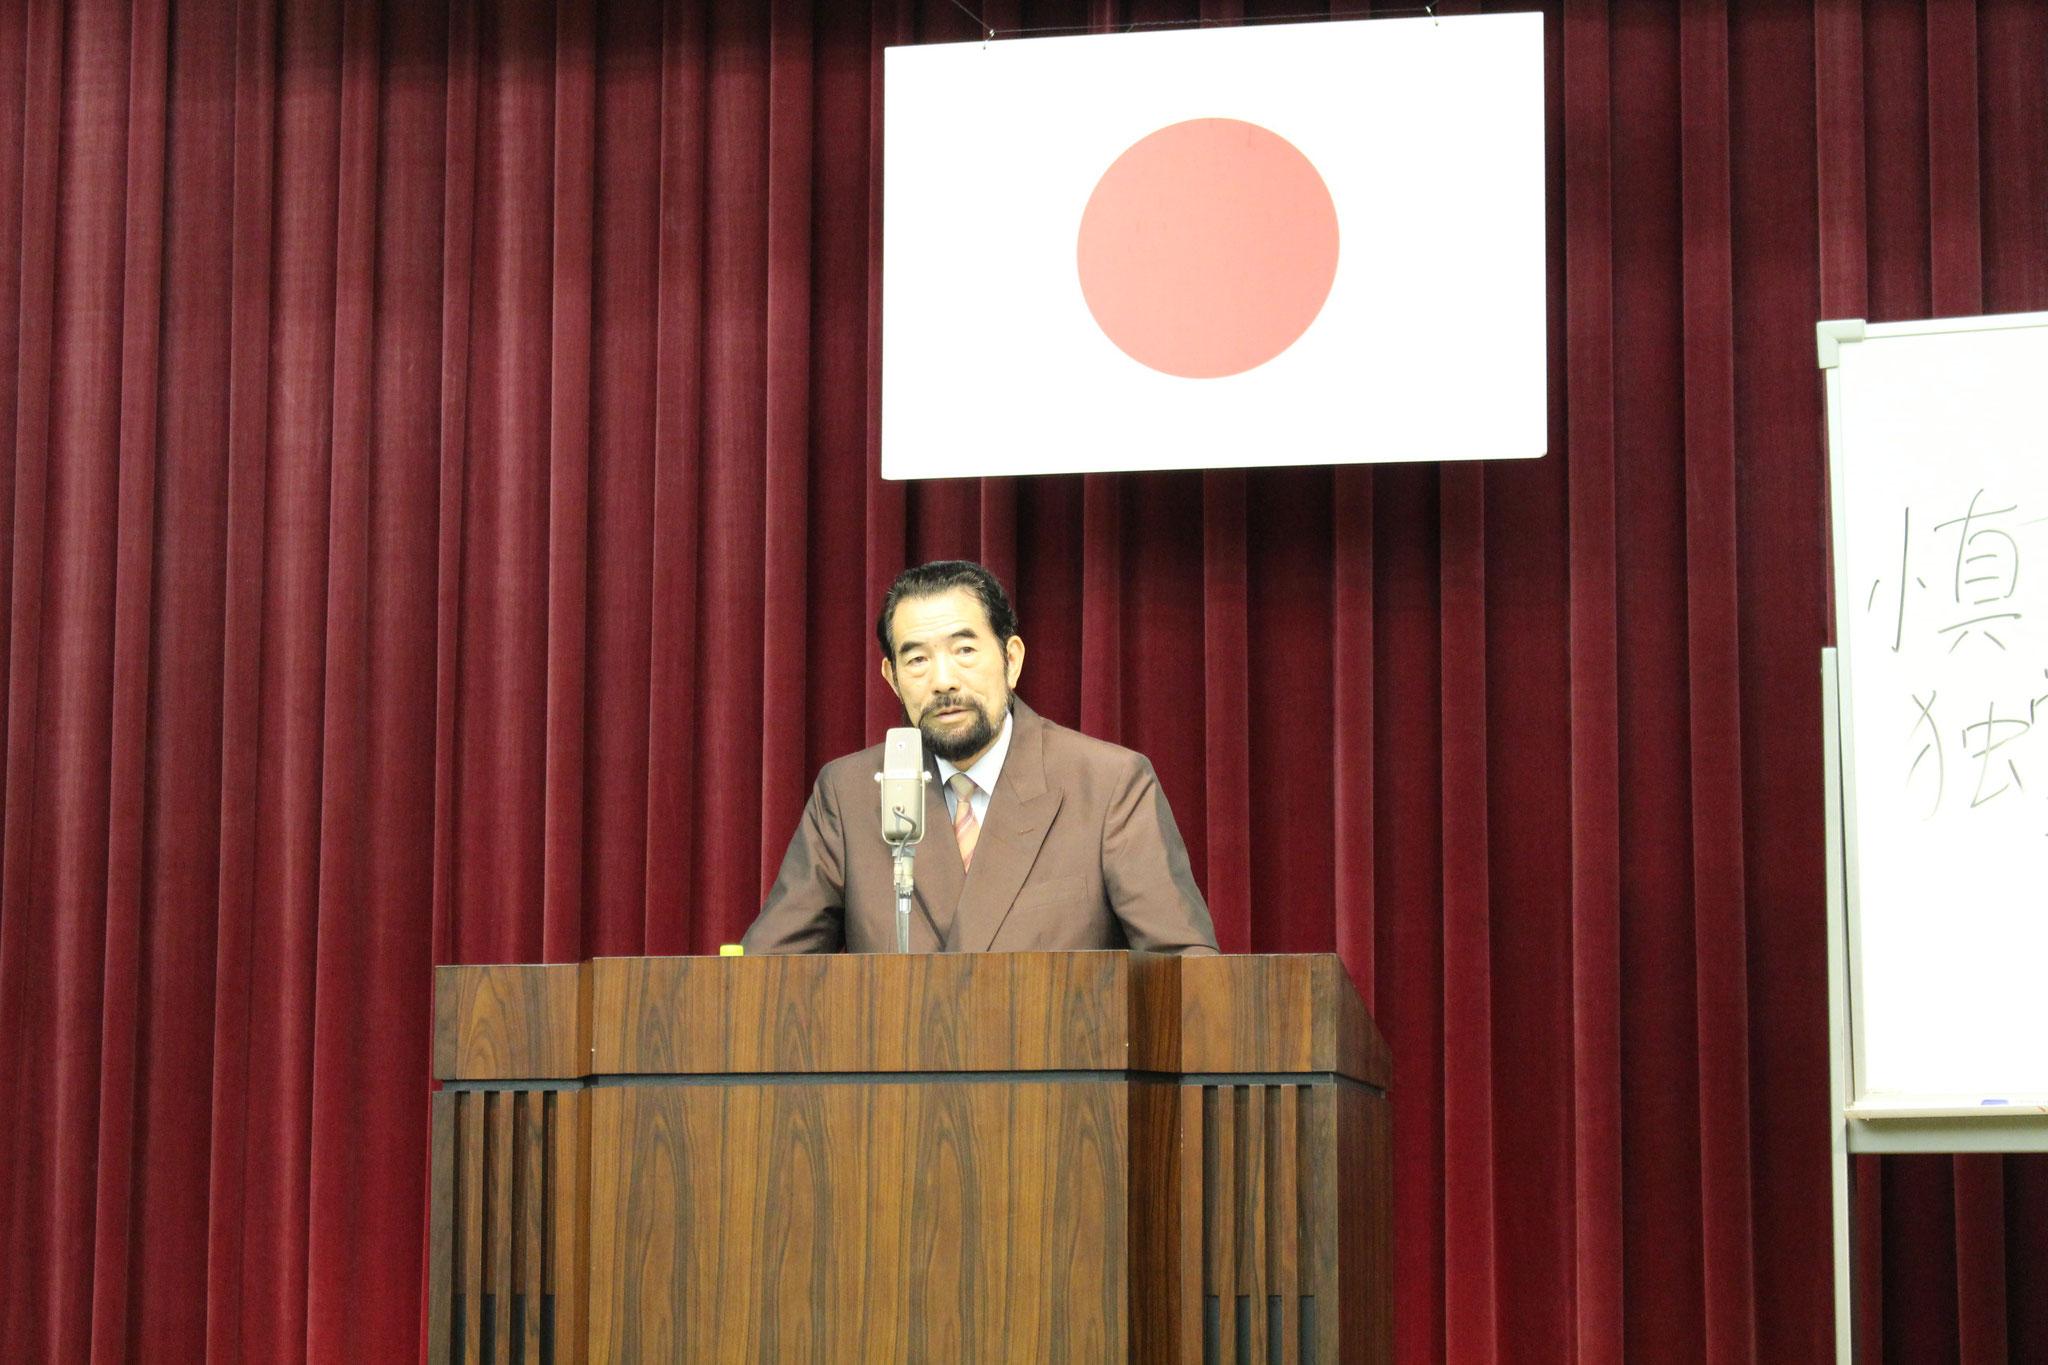 明星大学特別教授 高橋史朗先生に登壇いただきました。